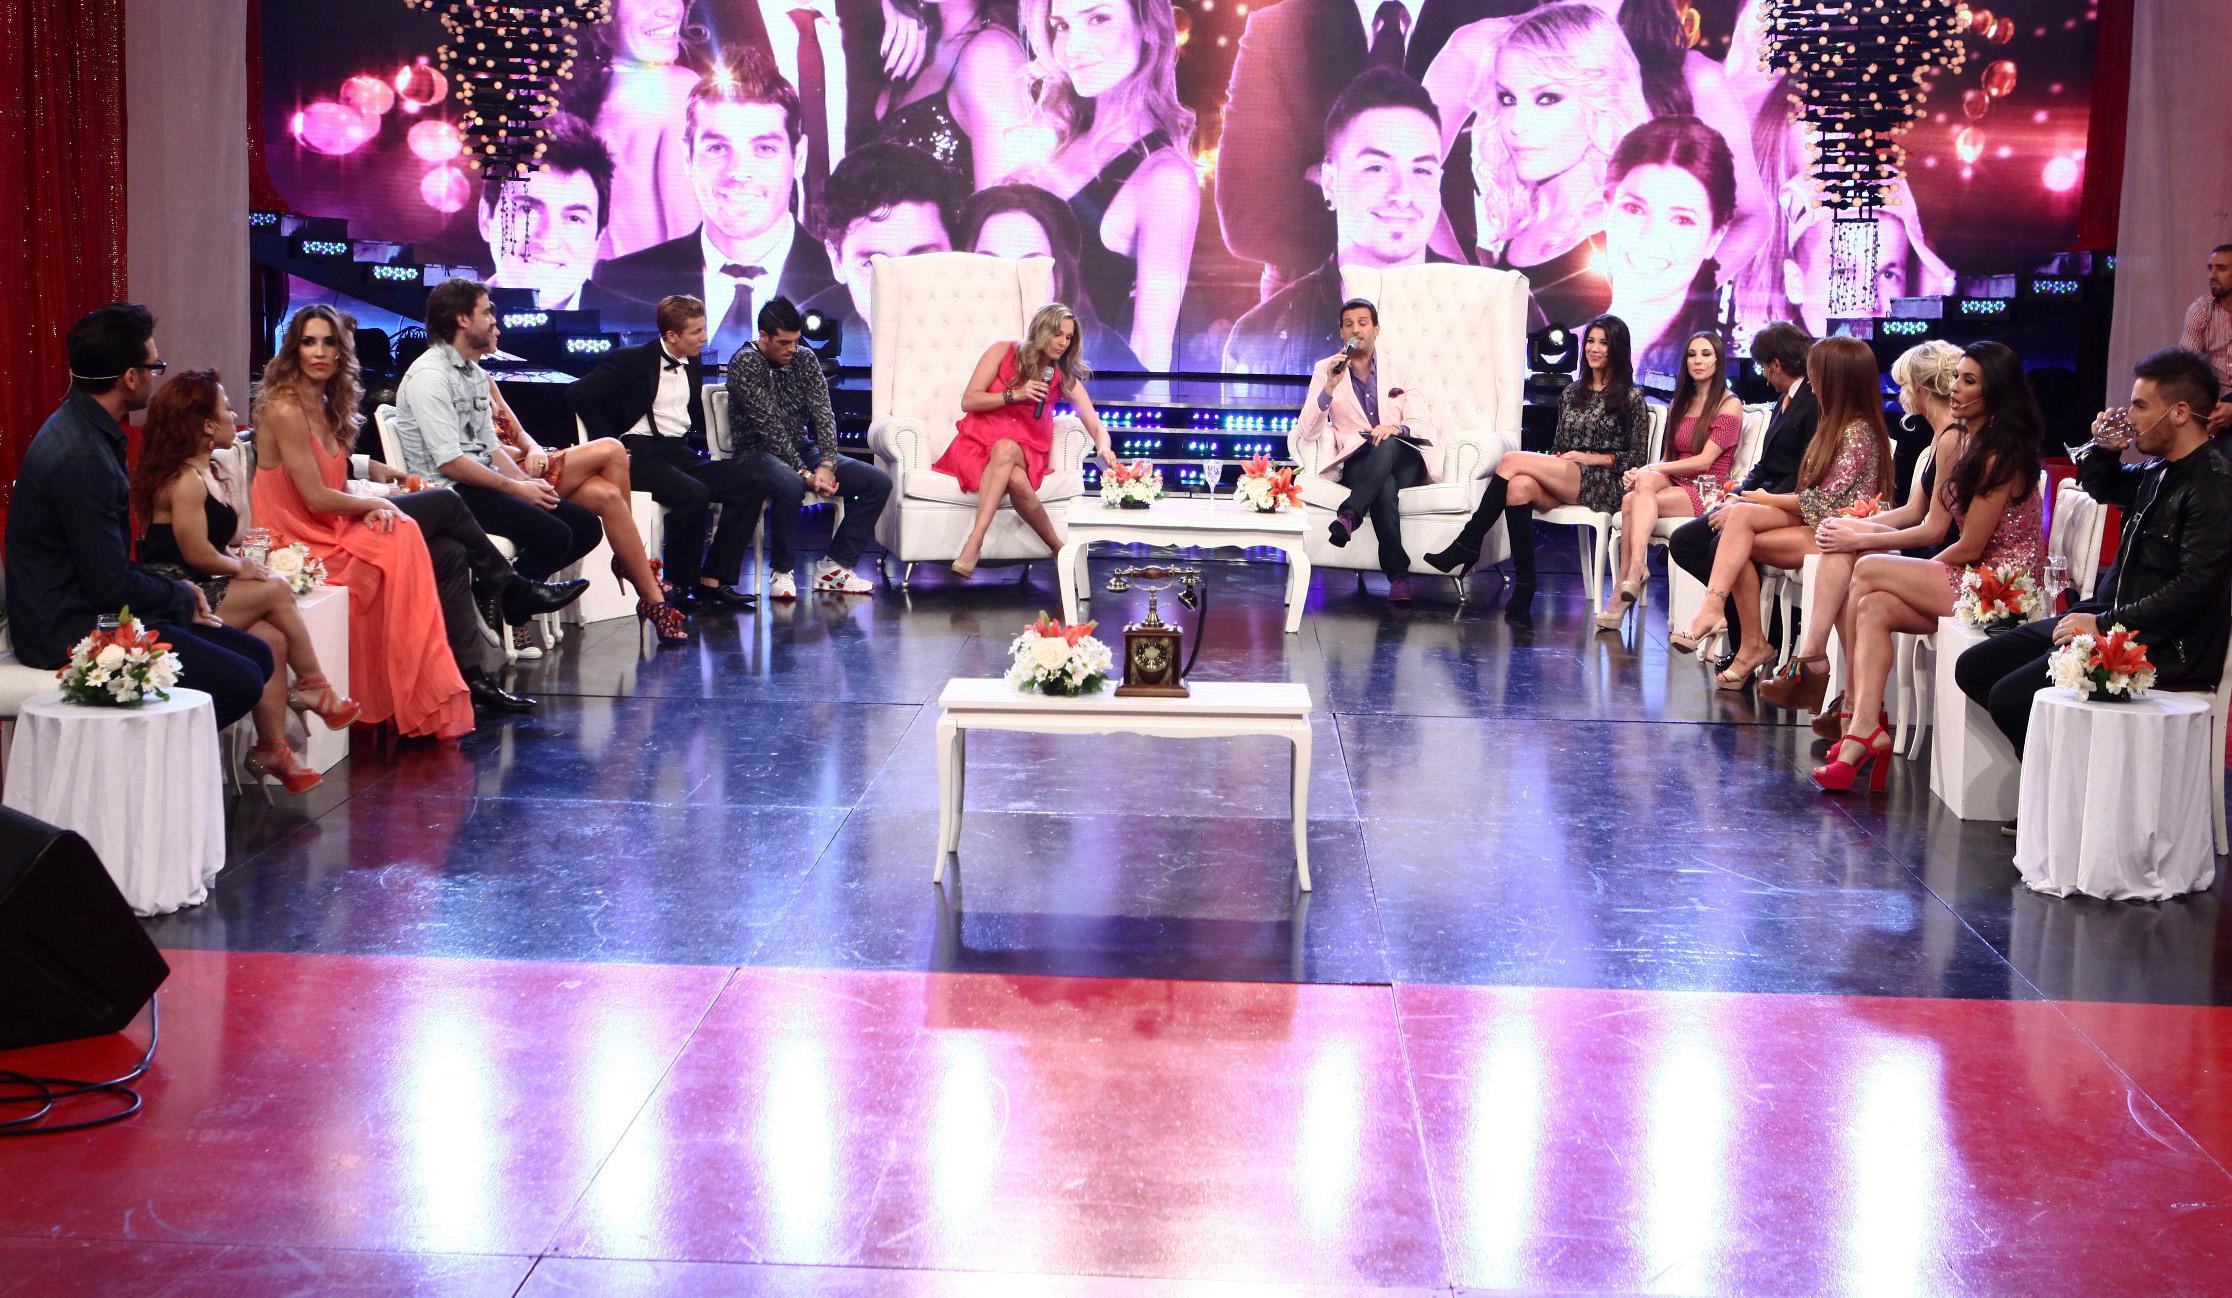 La terapia grupal de los finalistas de Bailando 2012